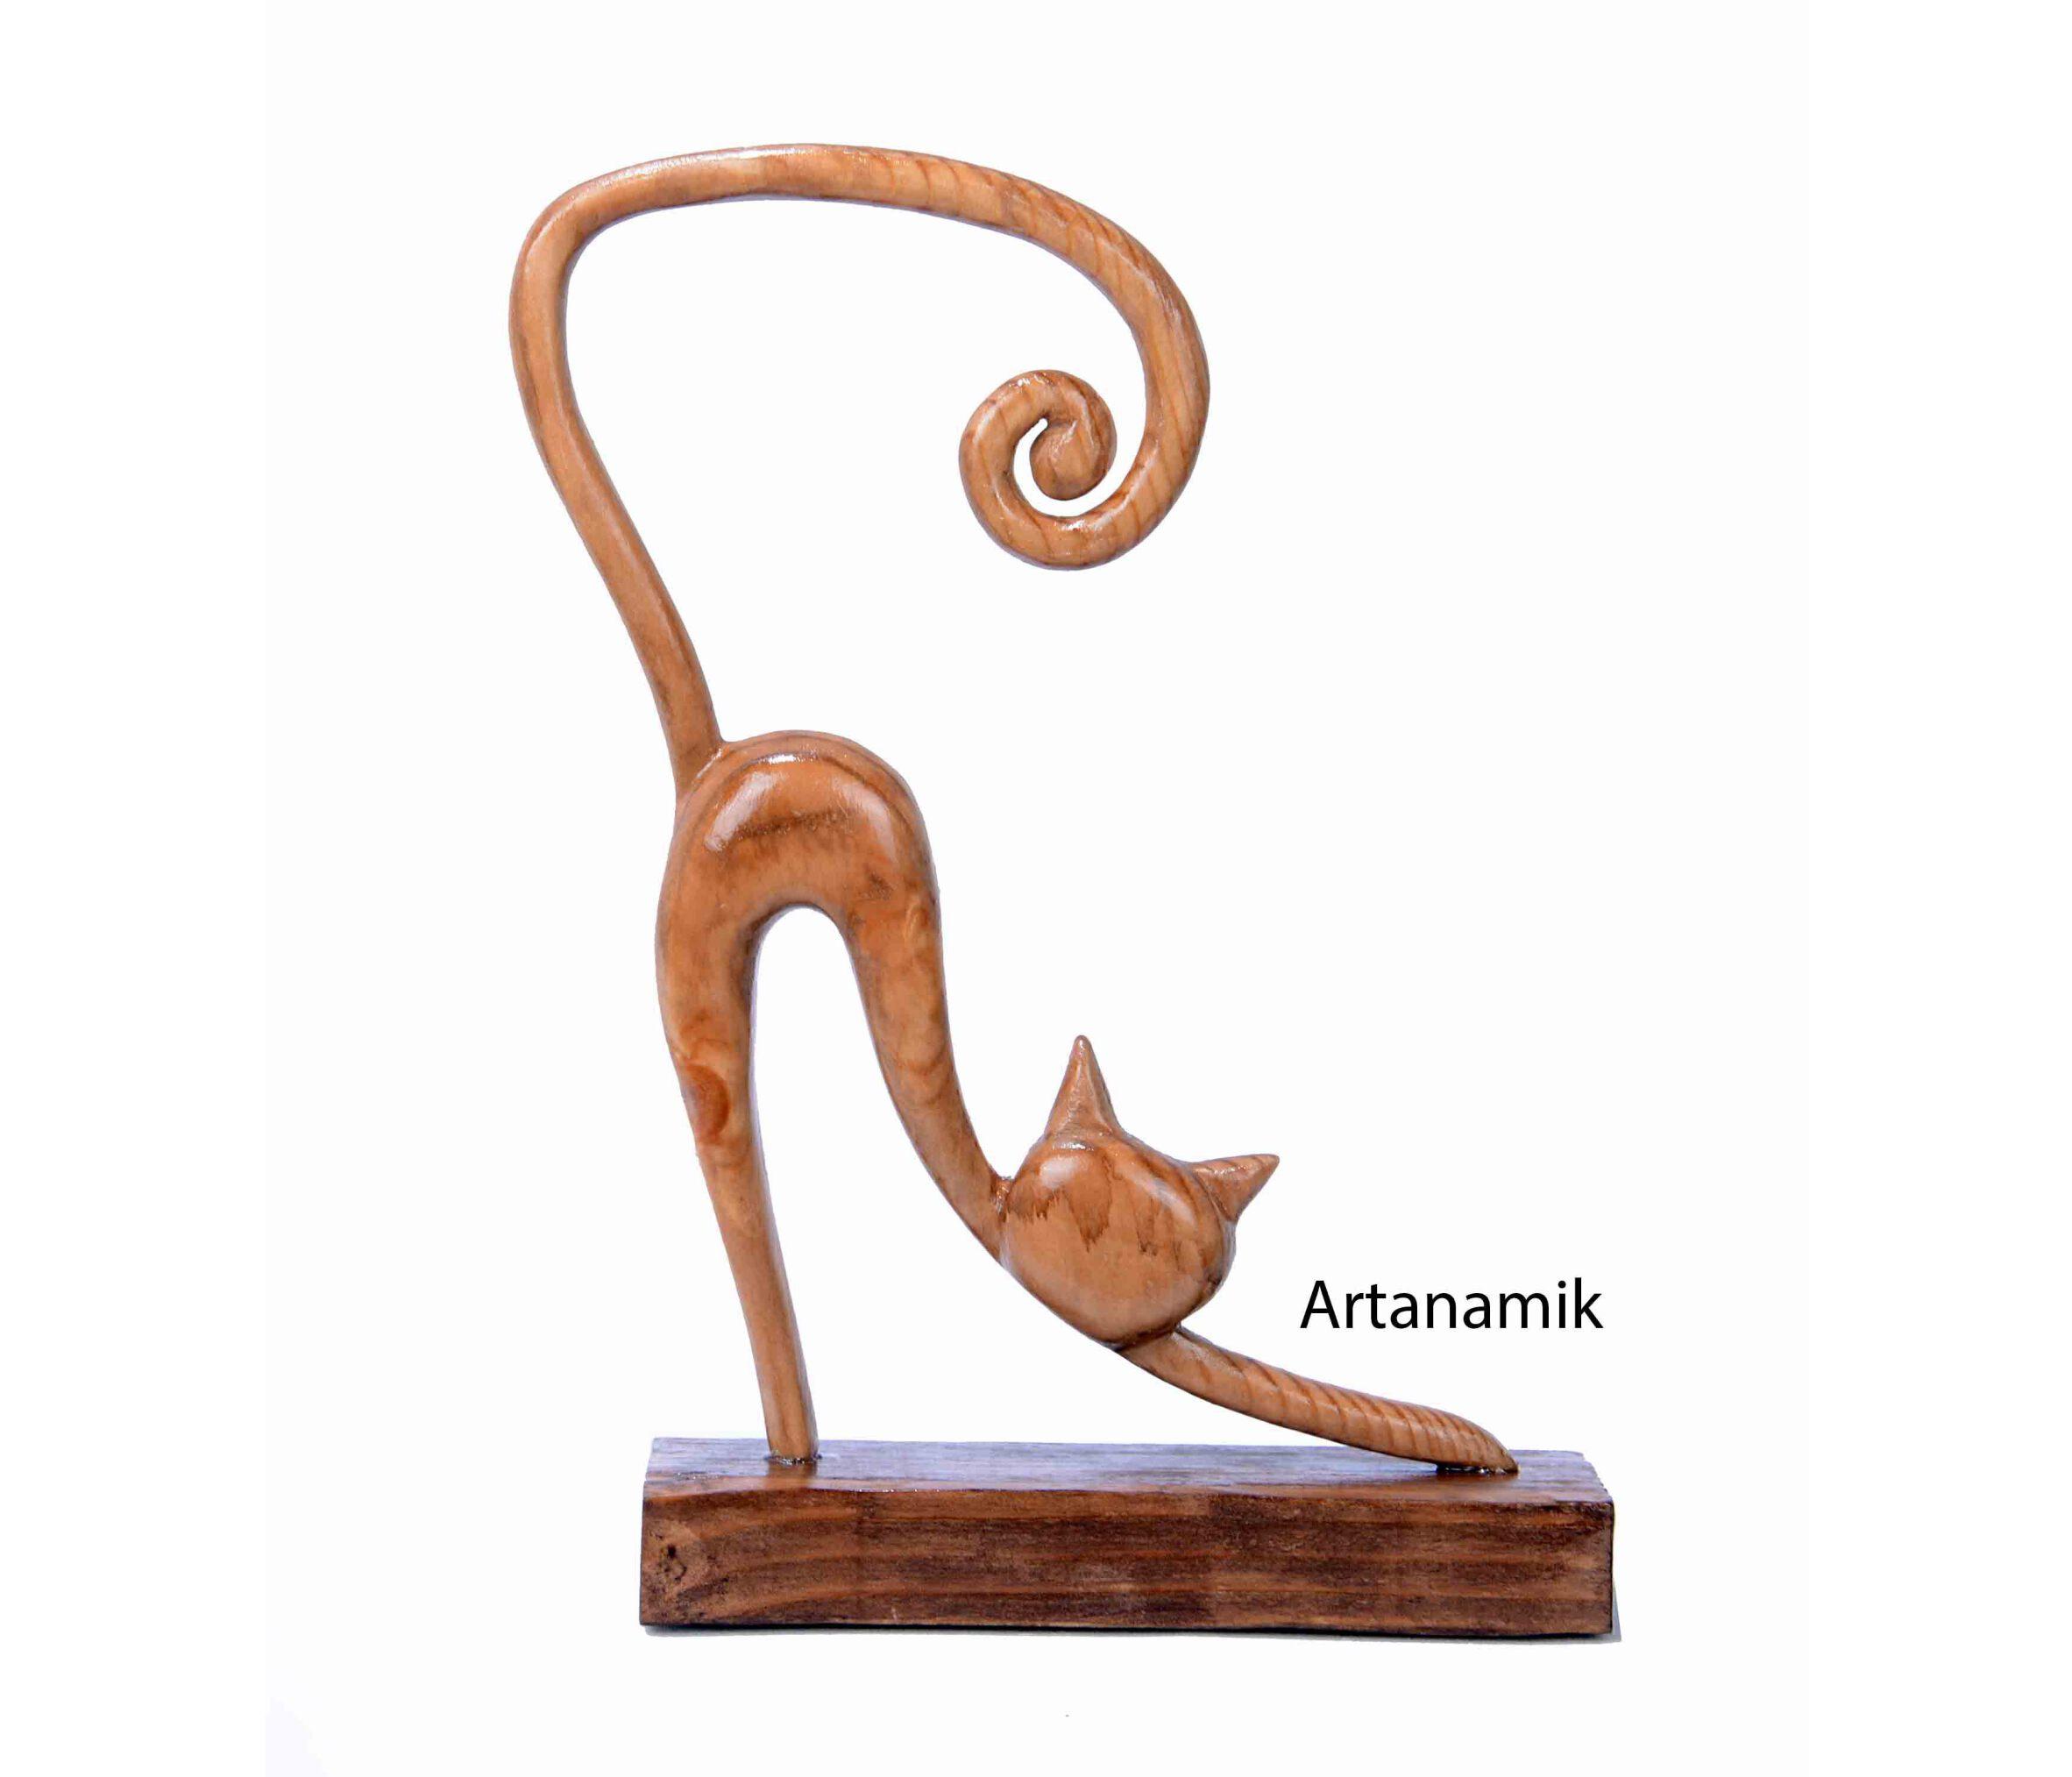 مجسمه چوبی طرح گربه، مجسمه دکوری و مجسمه کادویی چوبی